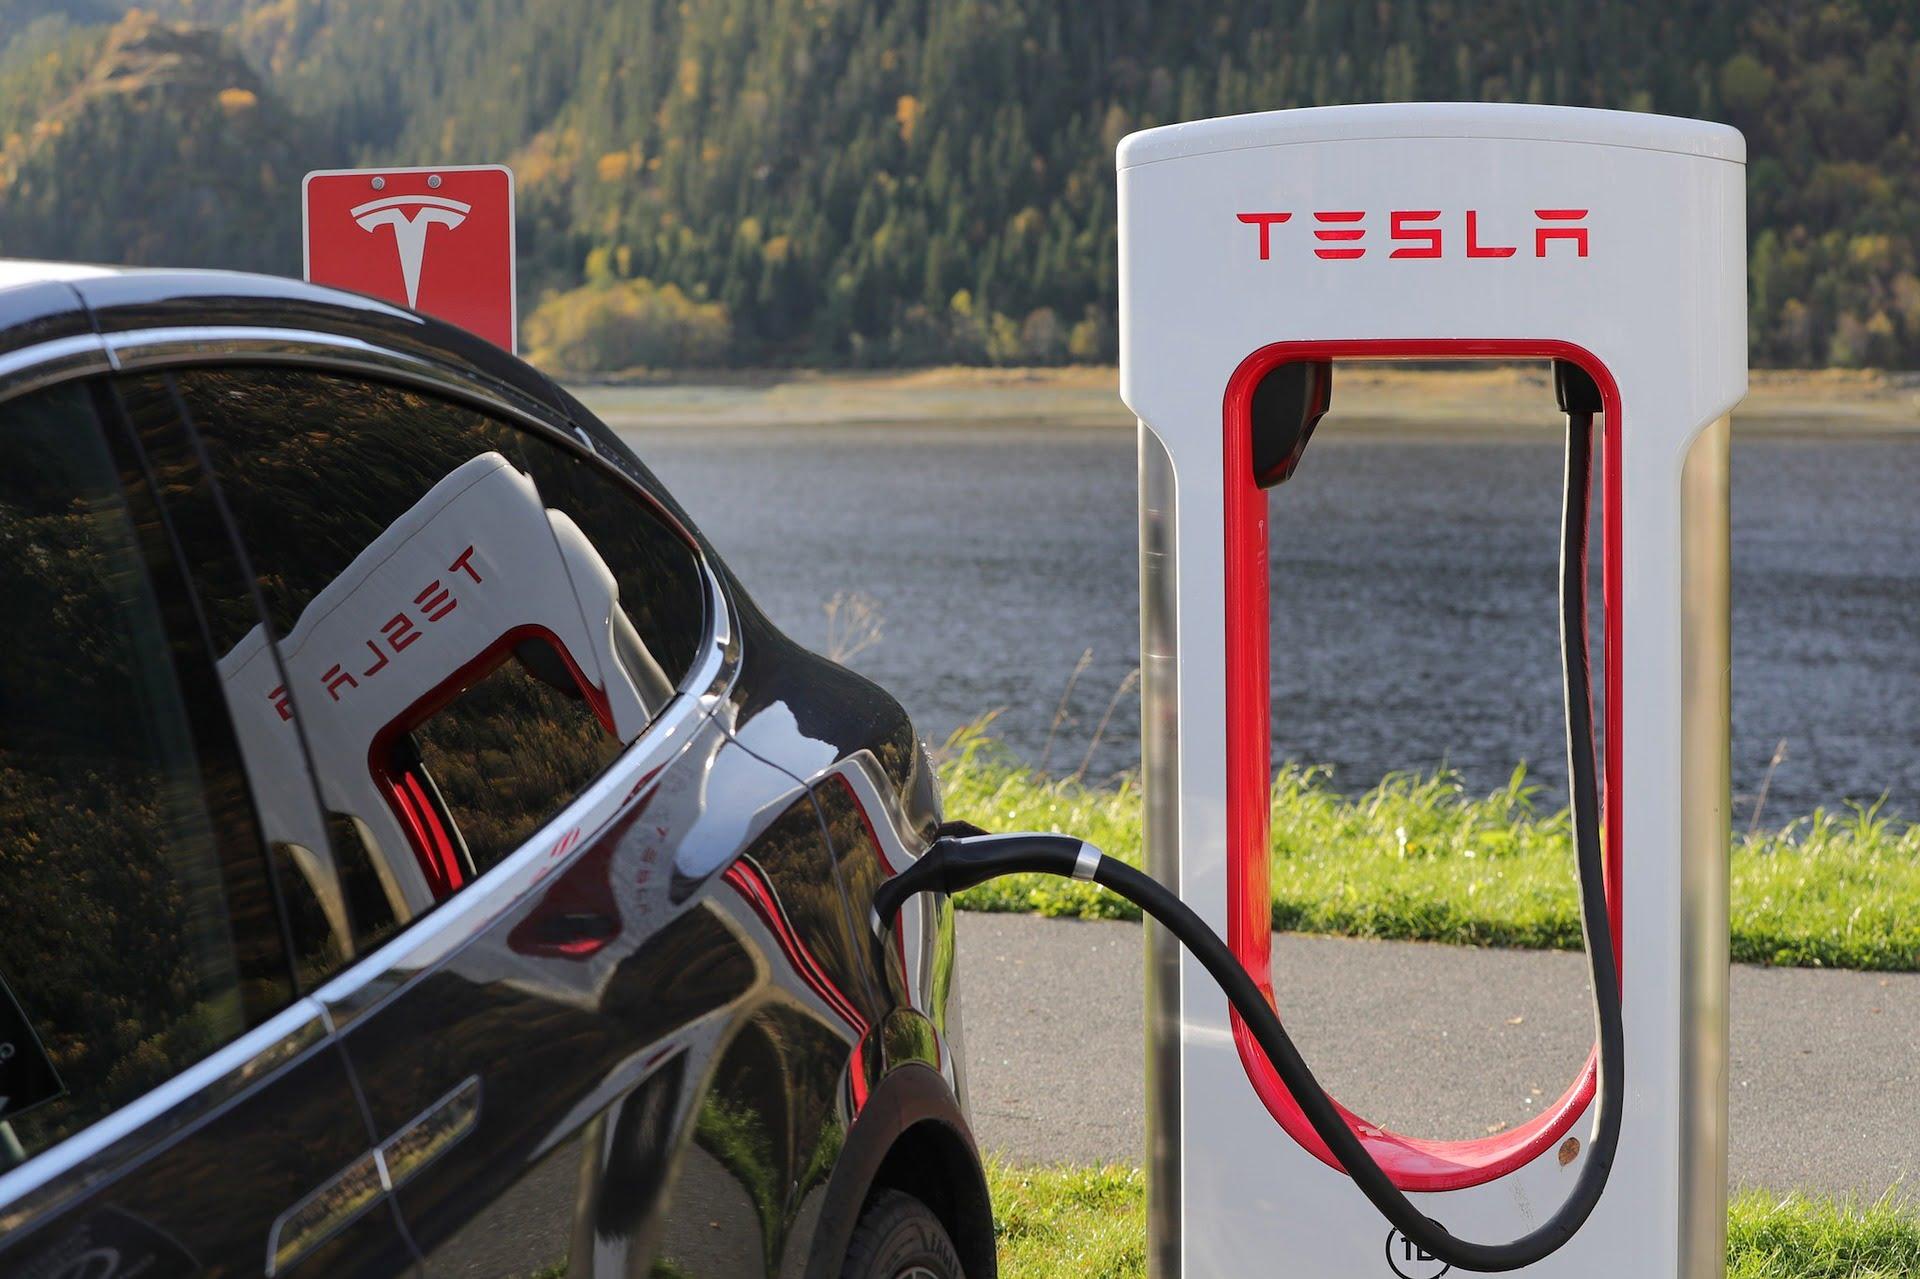 Tesla - TeslaNorth.com